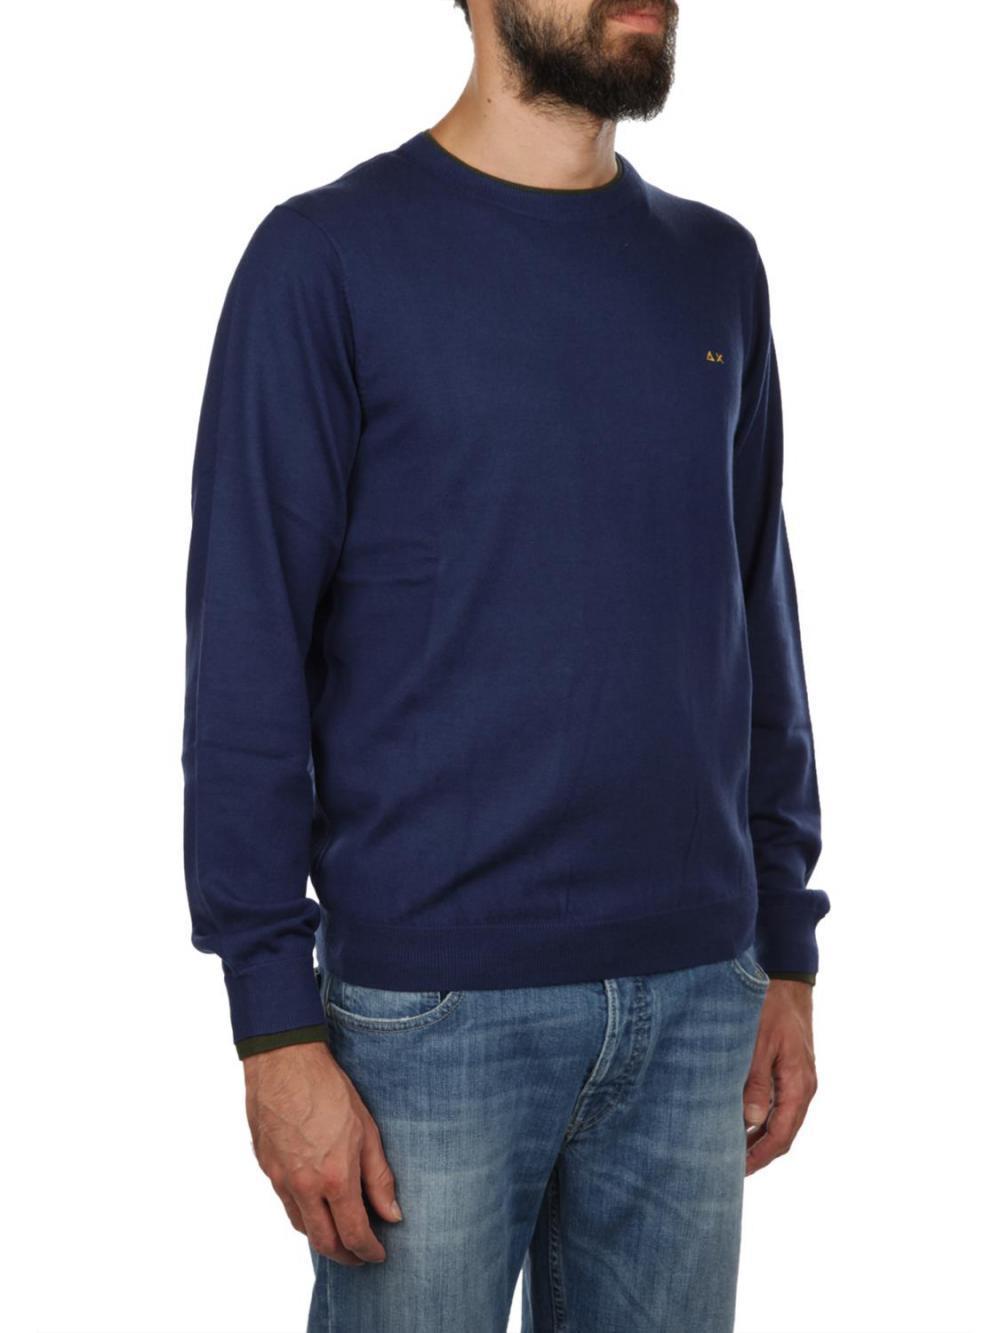 pullover-in-cotone-e-lana-uomo-sun68-cod-k28105